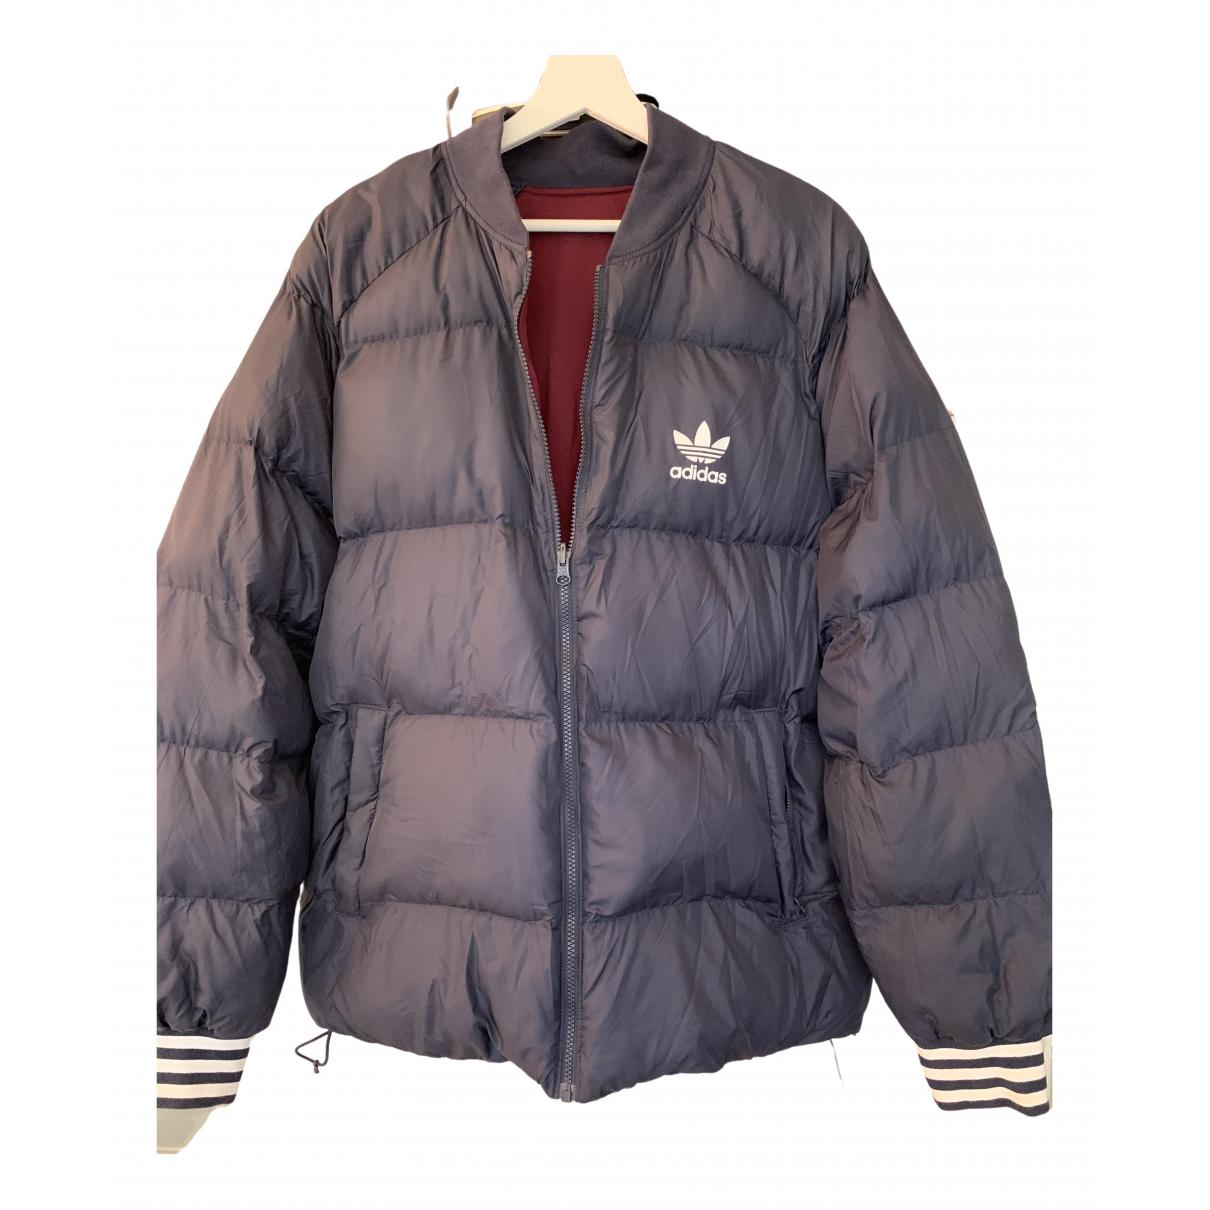 Adidas - Manteau   pour homme - bleu